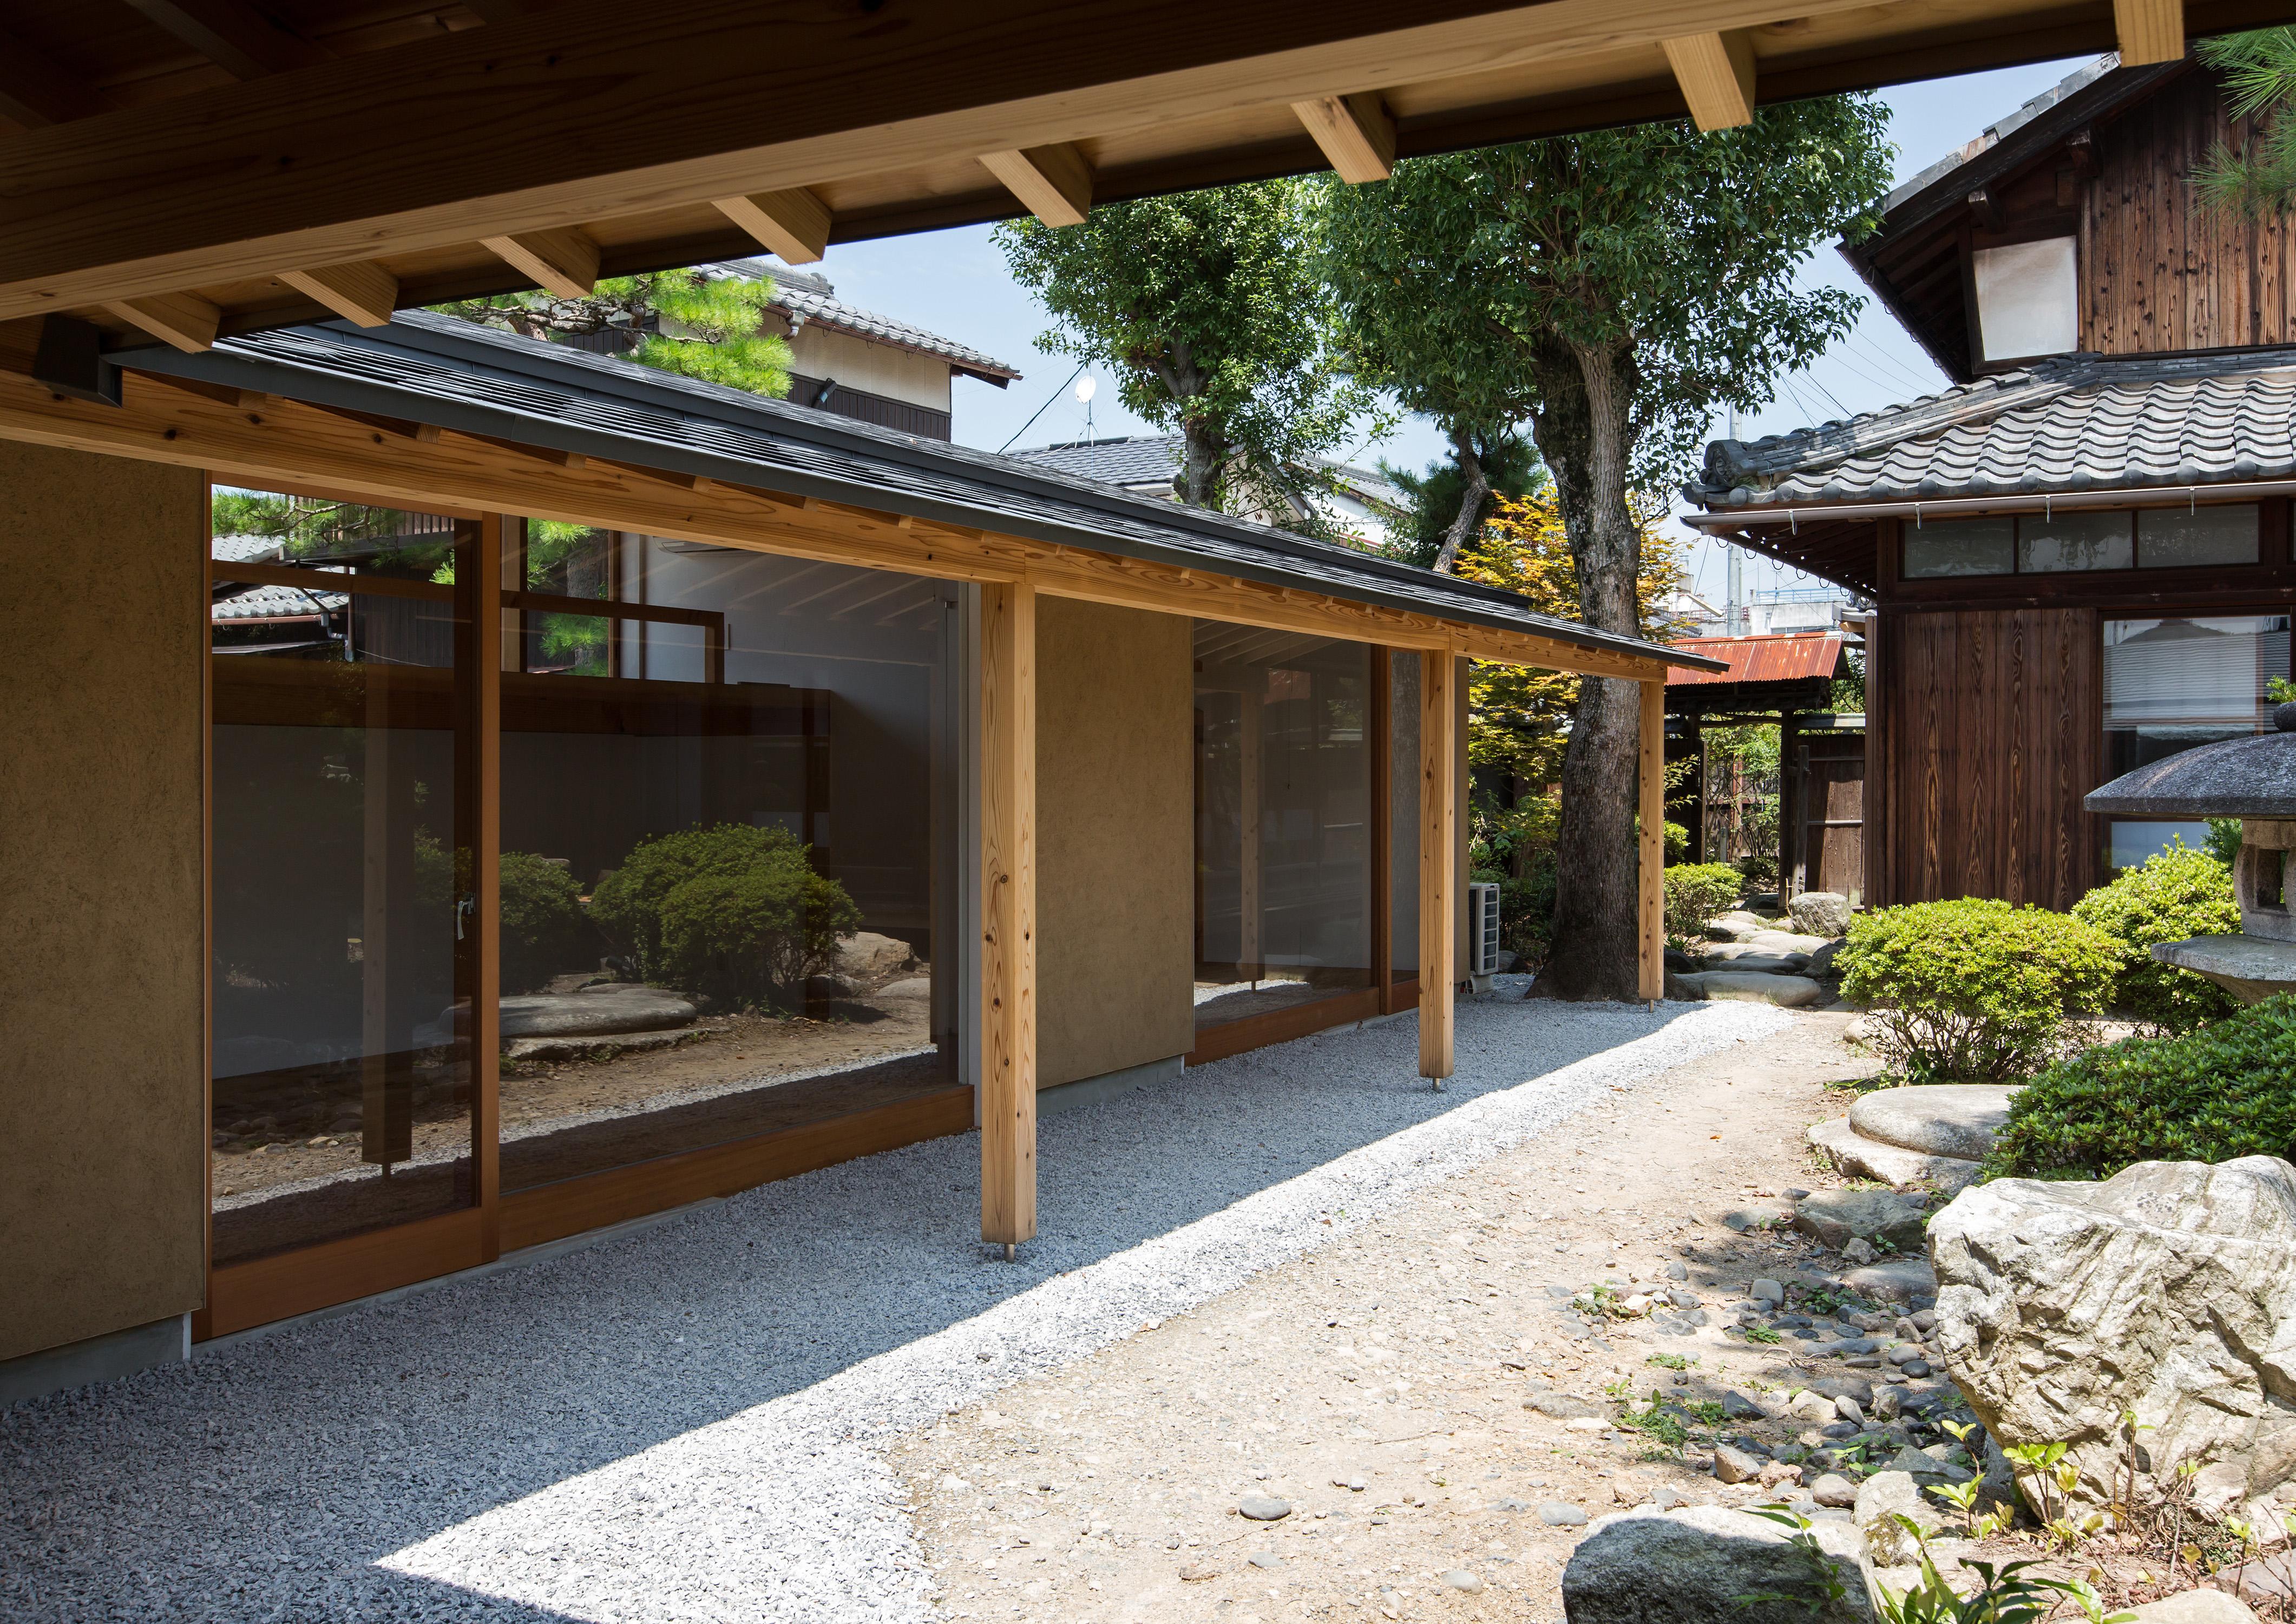 ゲストハウス 無我 (滋賀県彦根市)〈建築プロデュース〉